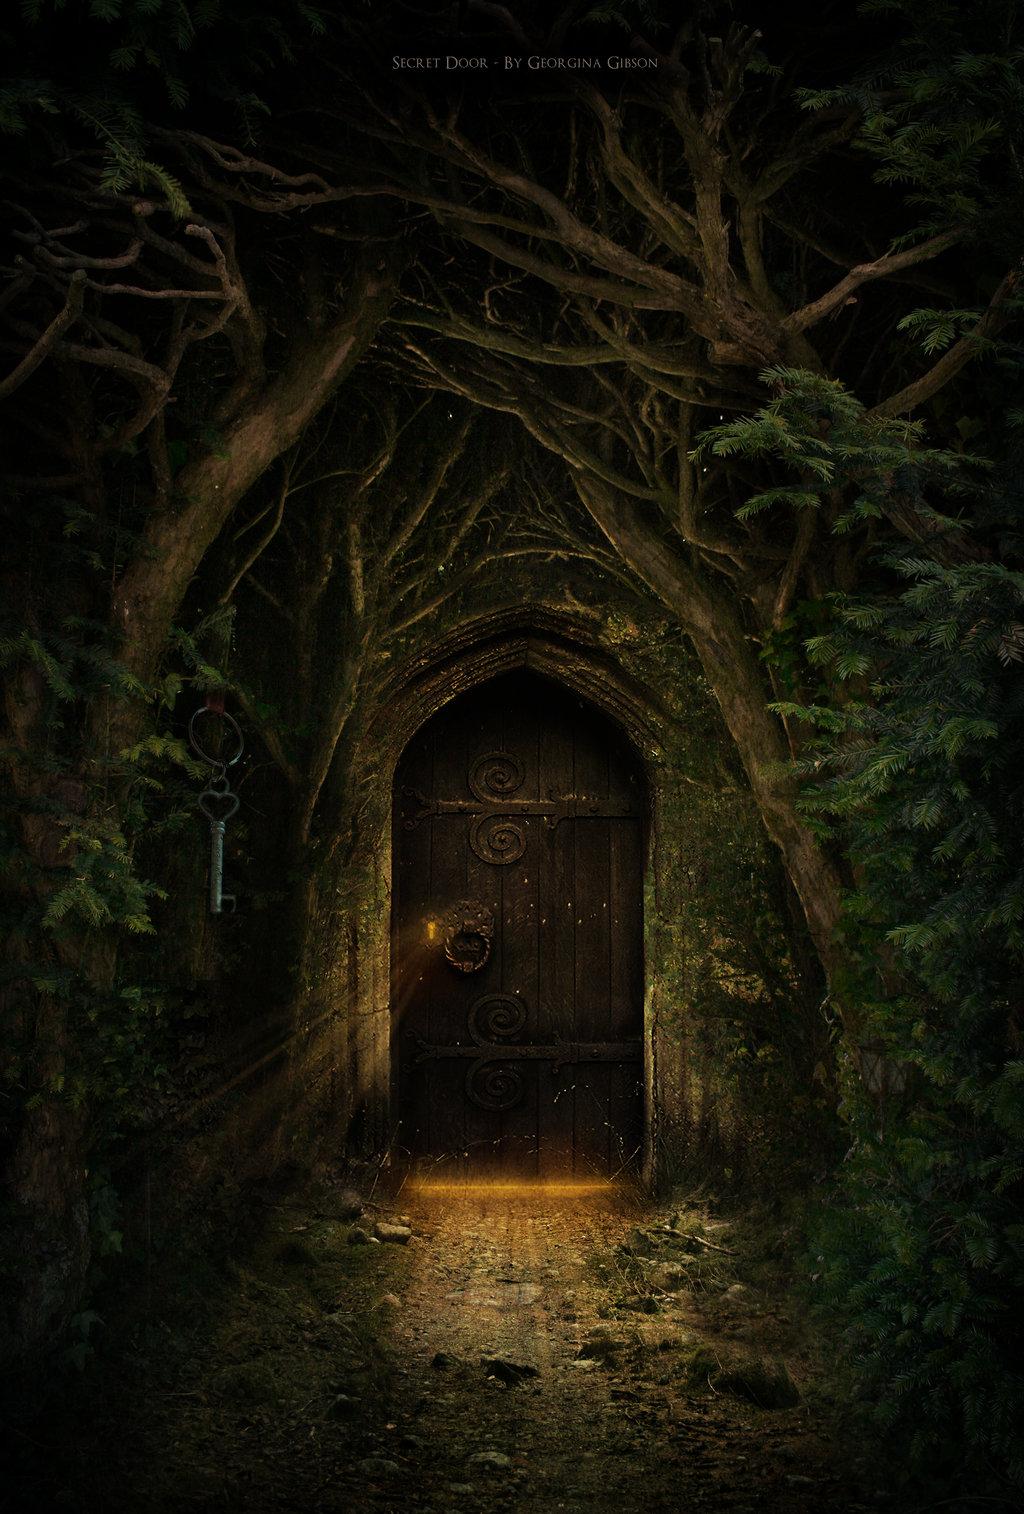 Il portale segreto il portale segreto for Secret fairy doors by blingderella